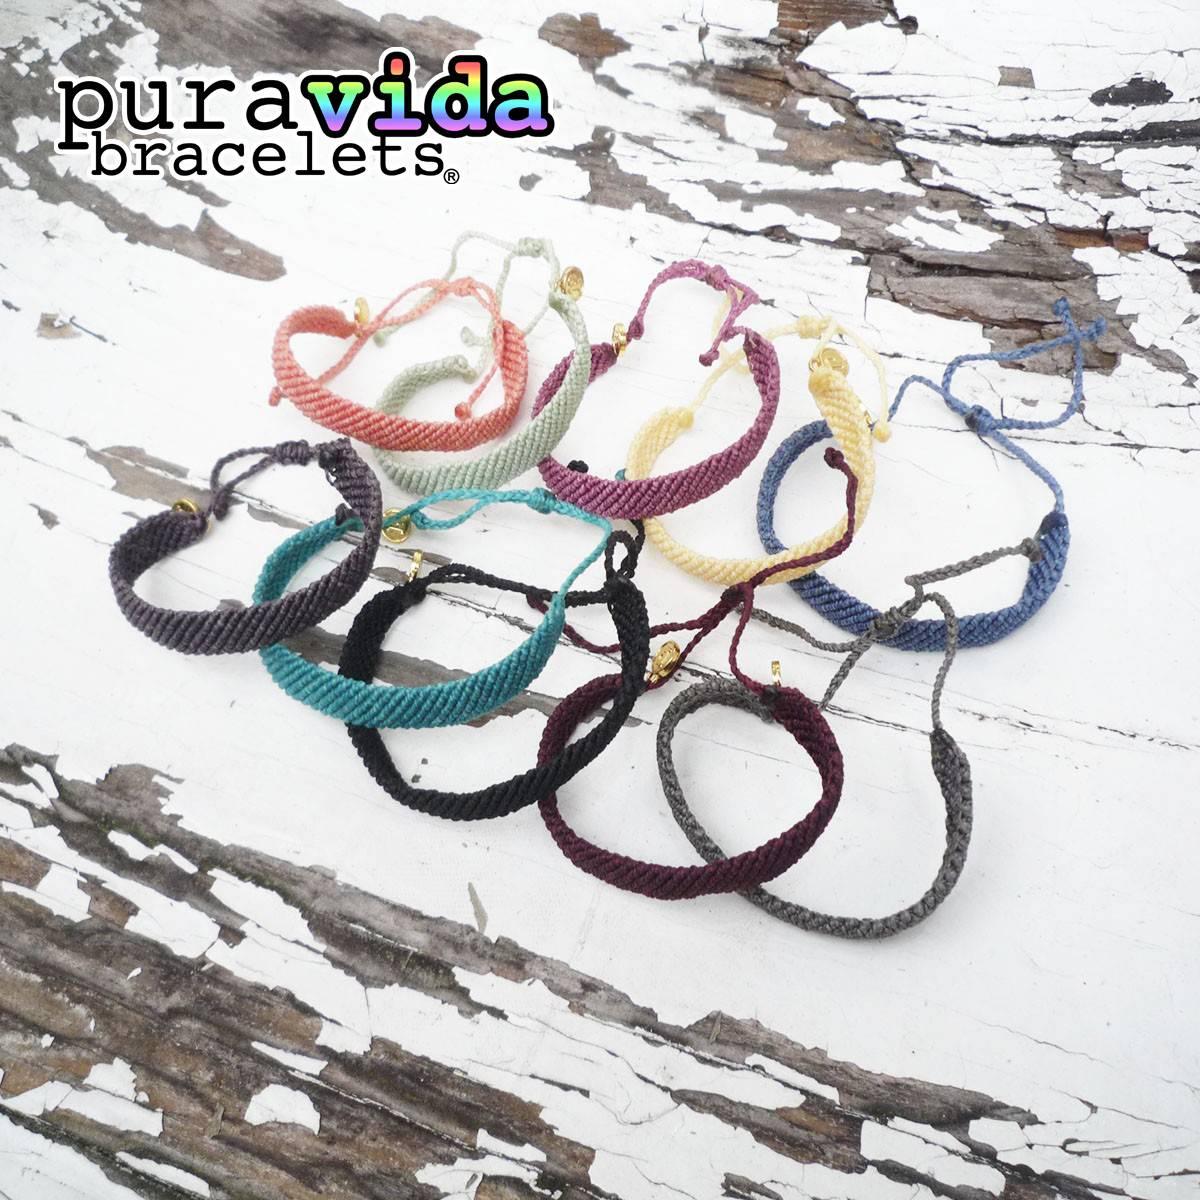 puravida bracelets プラヴィダ ブレスレット フラットブレイデッド ソリッドカラー